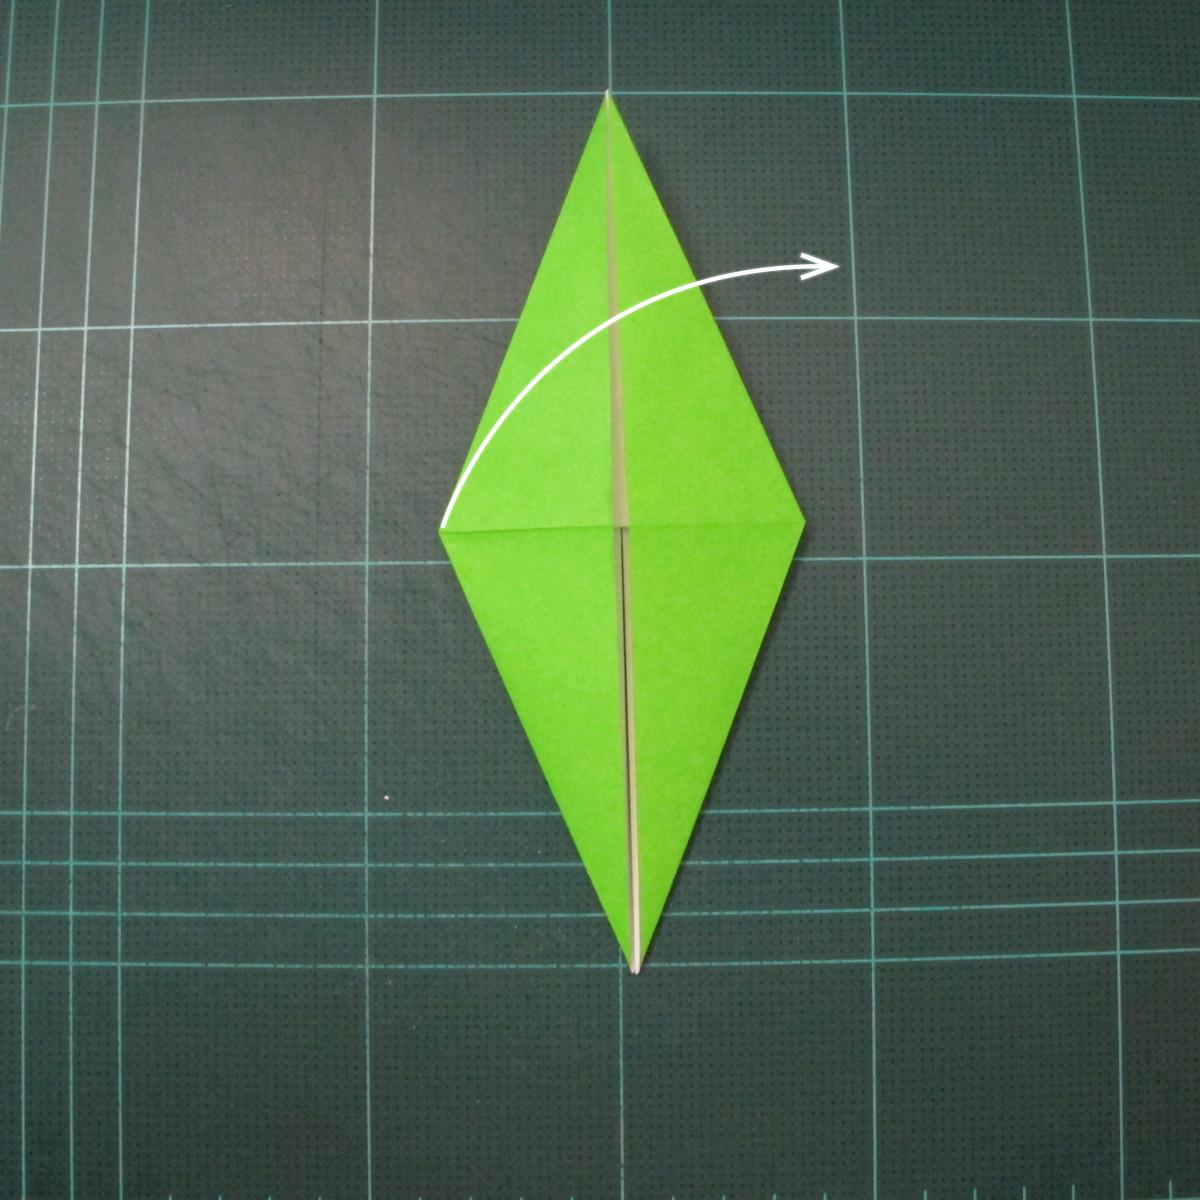 วิธีพับกระดาษเป็นรูปหอยทาก (origami Snail) 005